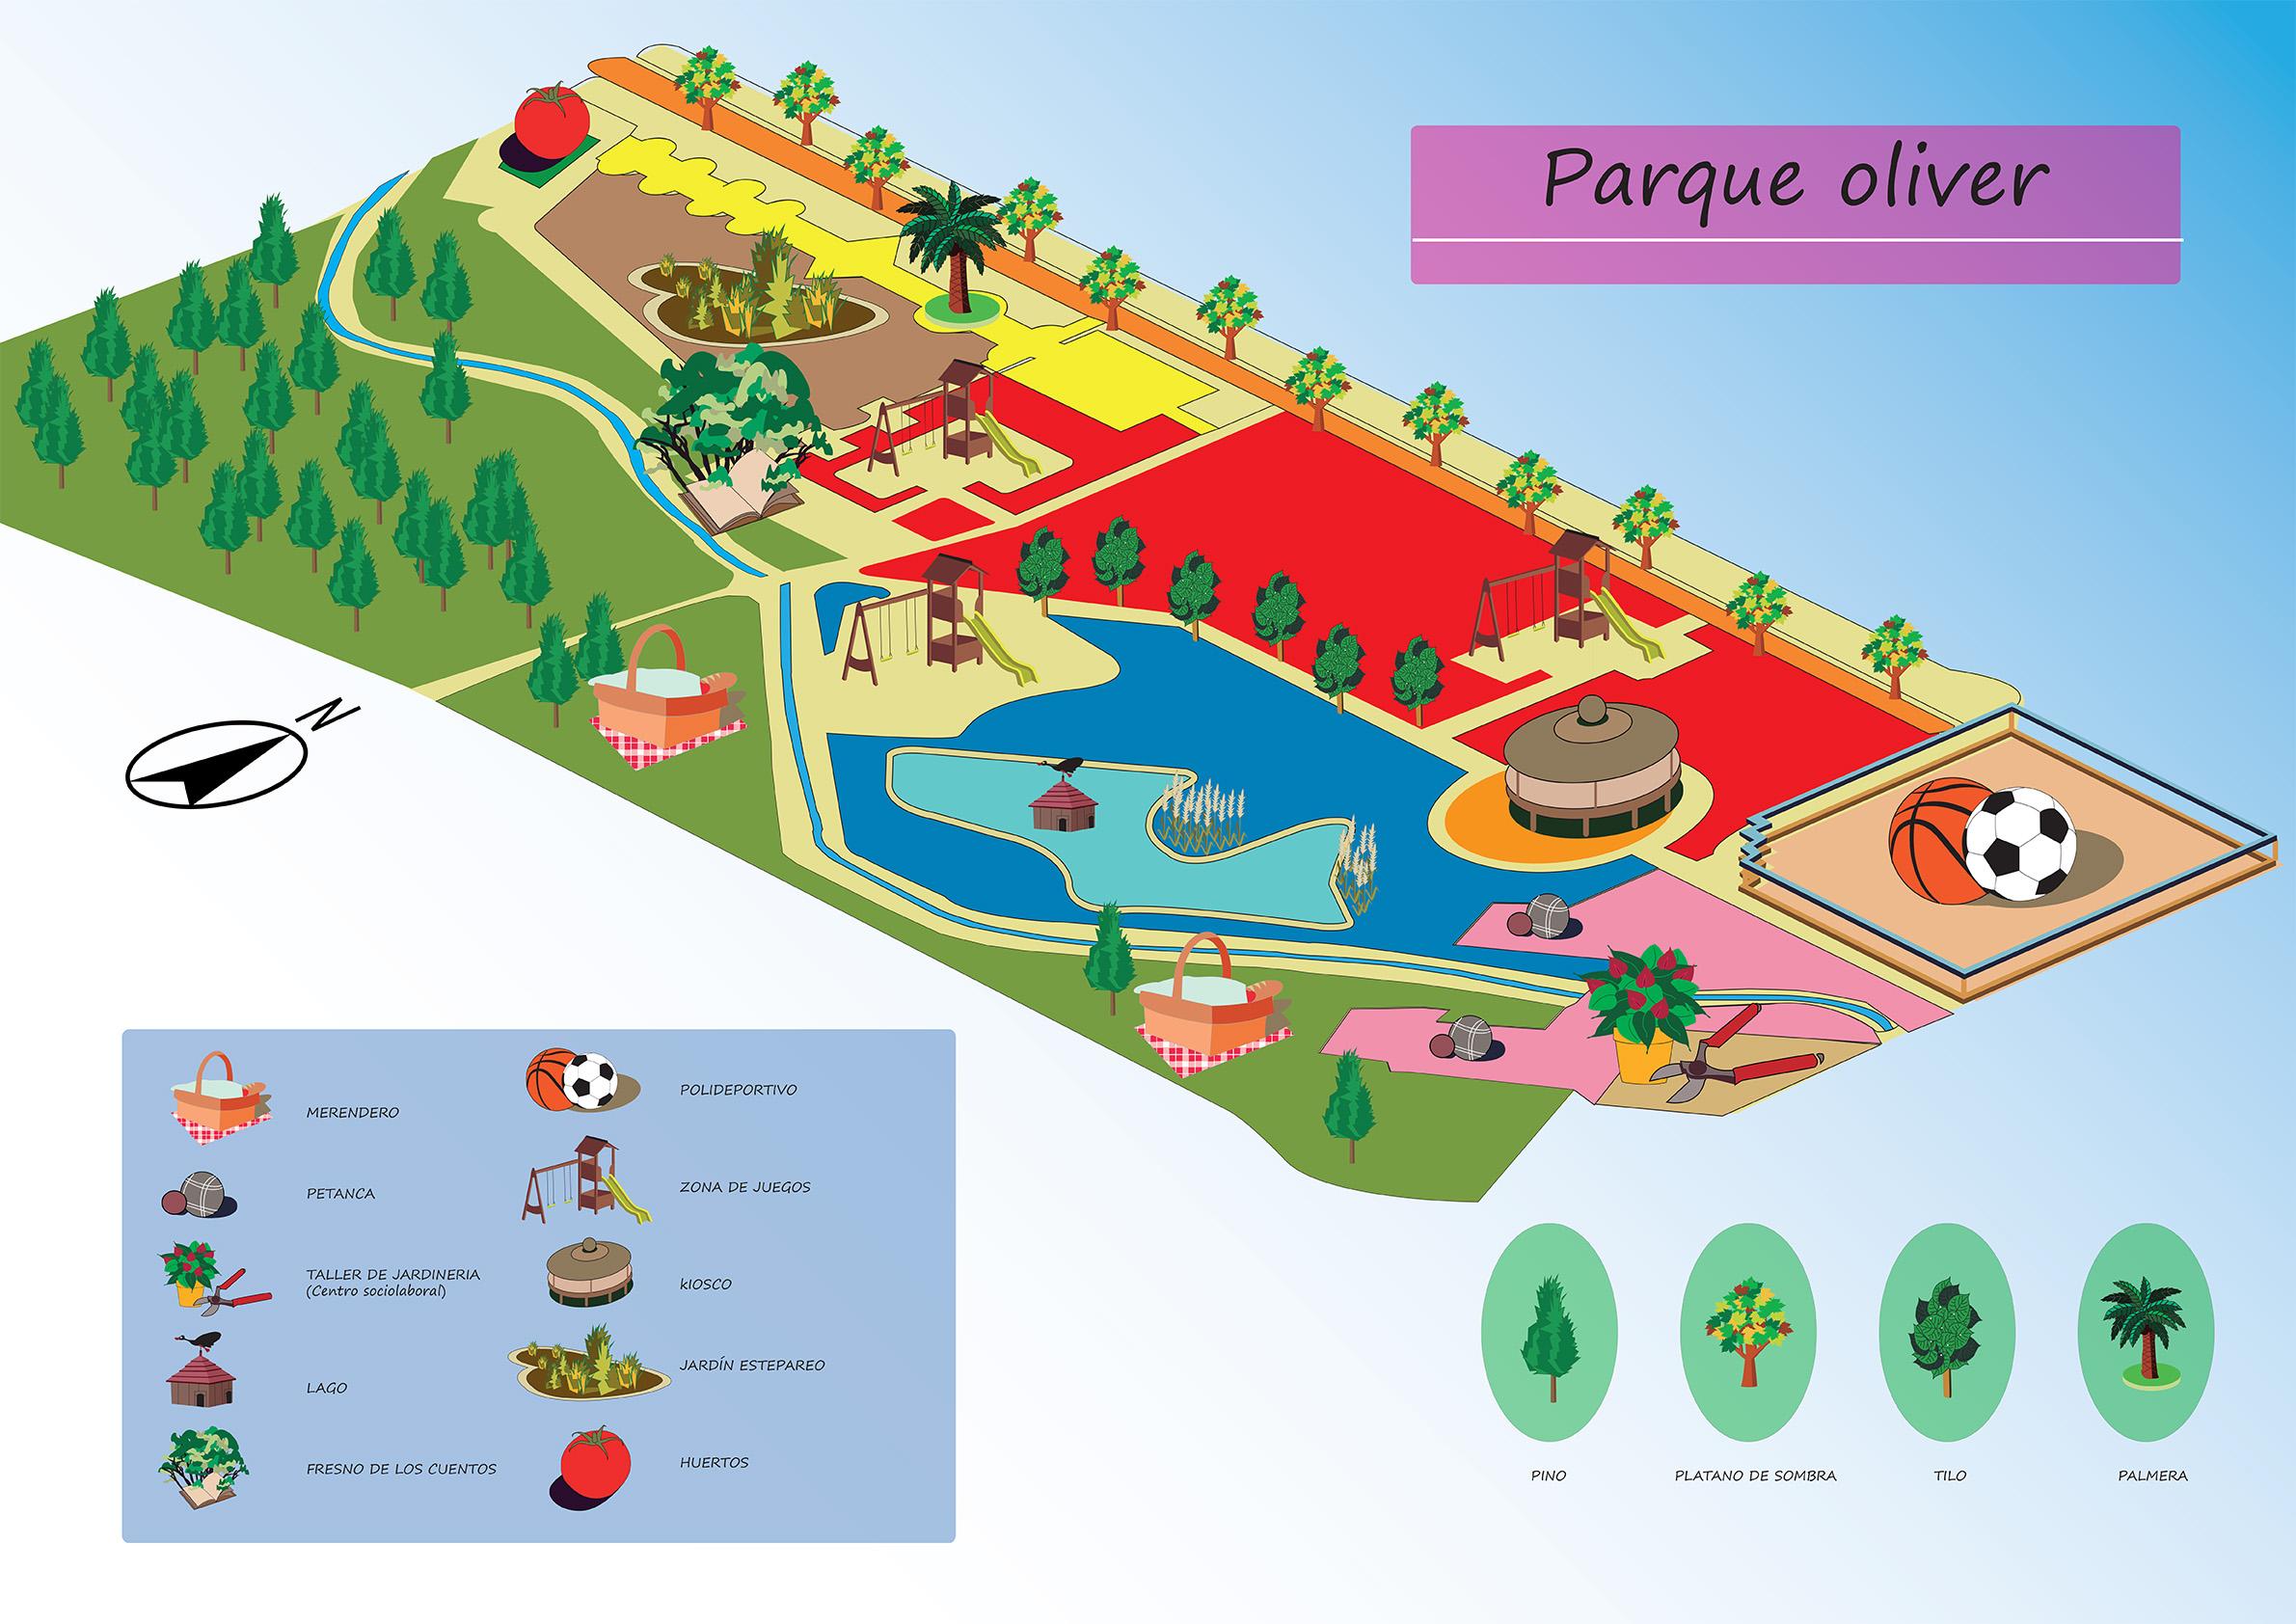 Escuela superior de dise o de arag n proyecto plano del for Para desarrollar un parque ajardinado